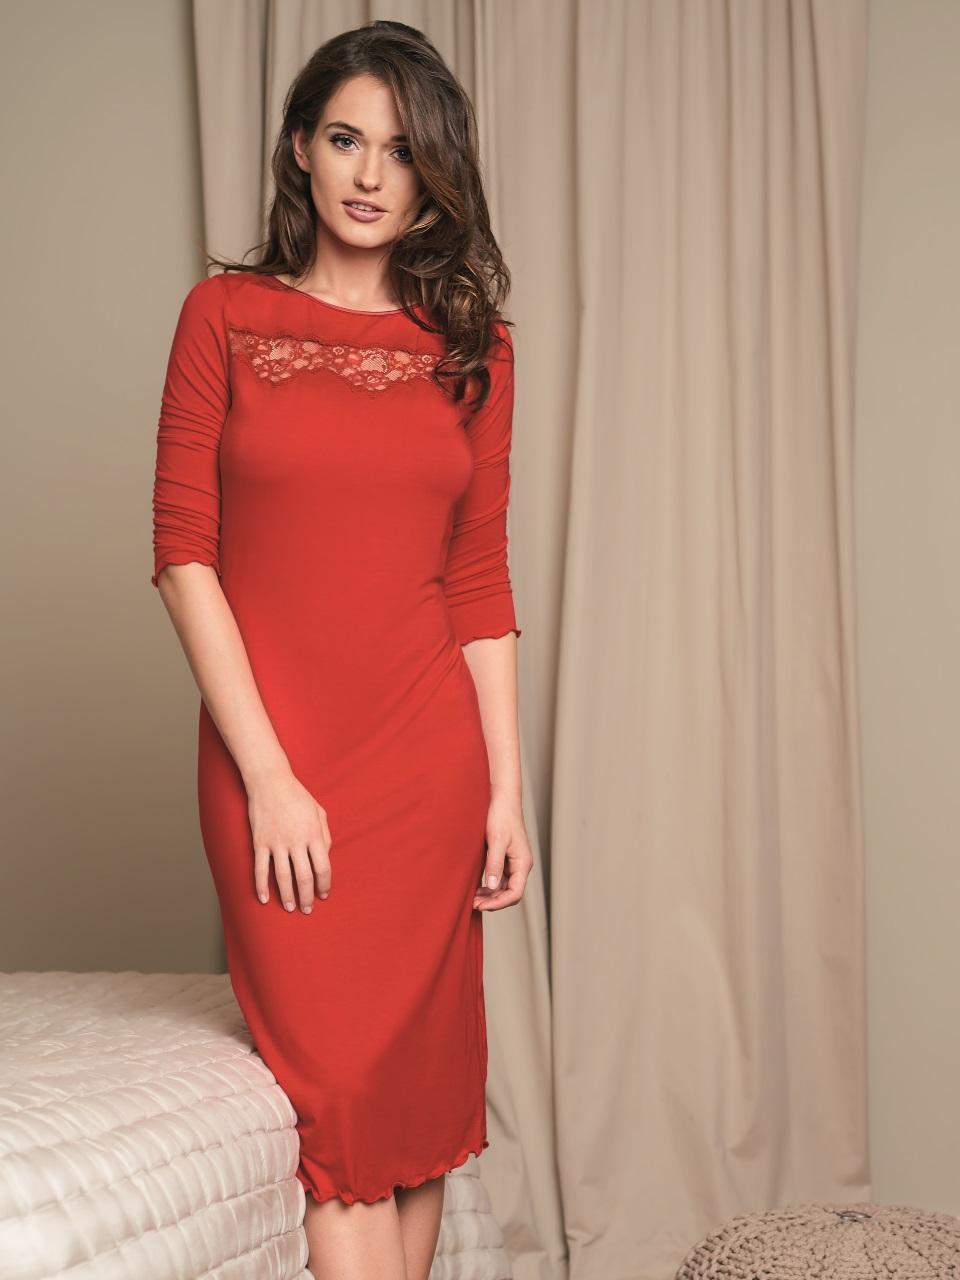 Valentina 3016 Camicia da notte<br />02 Black, 61 Red